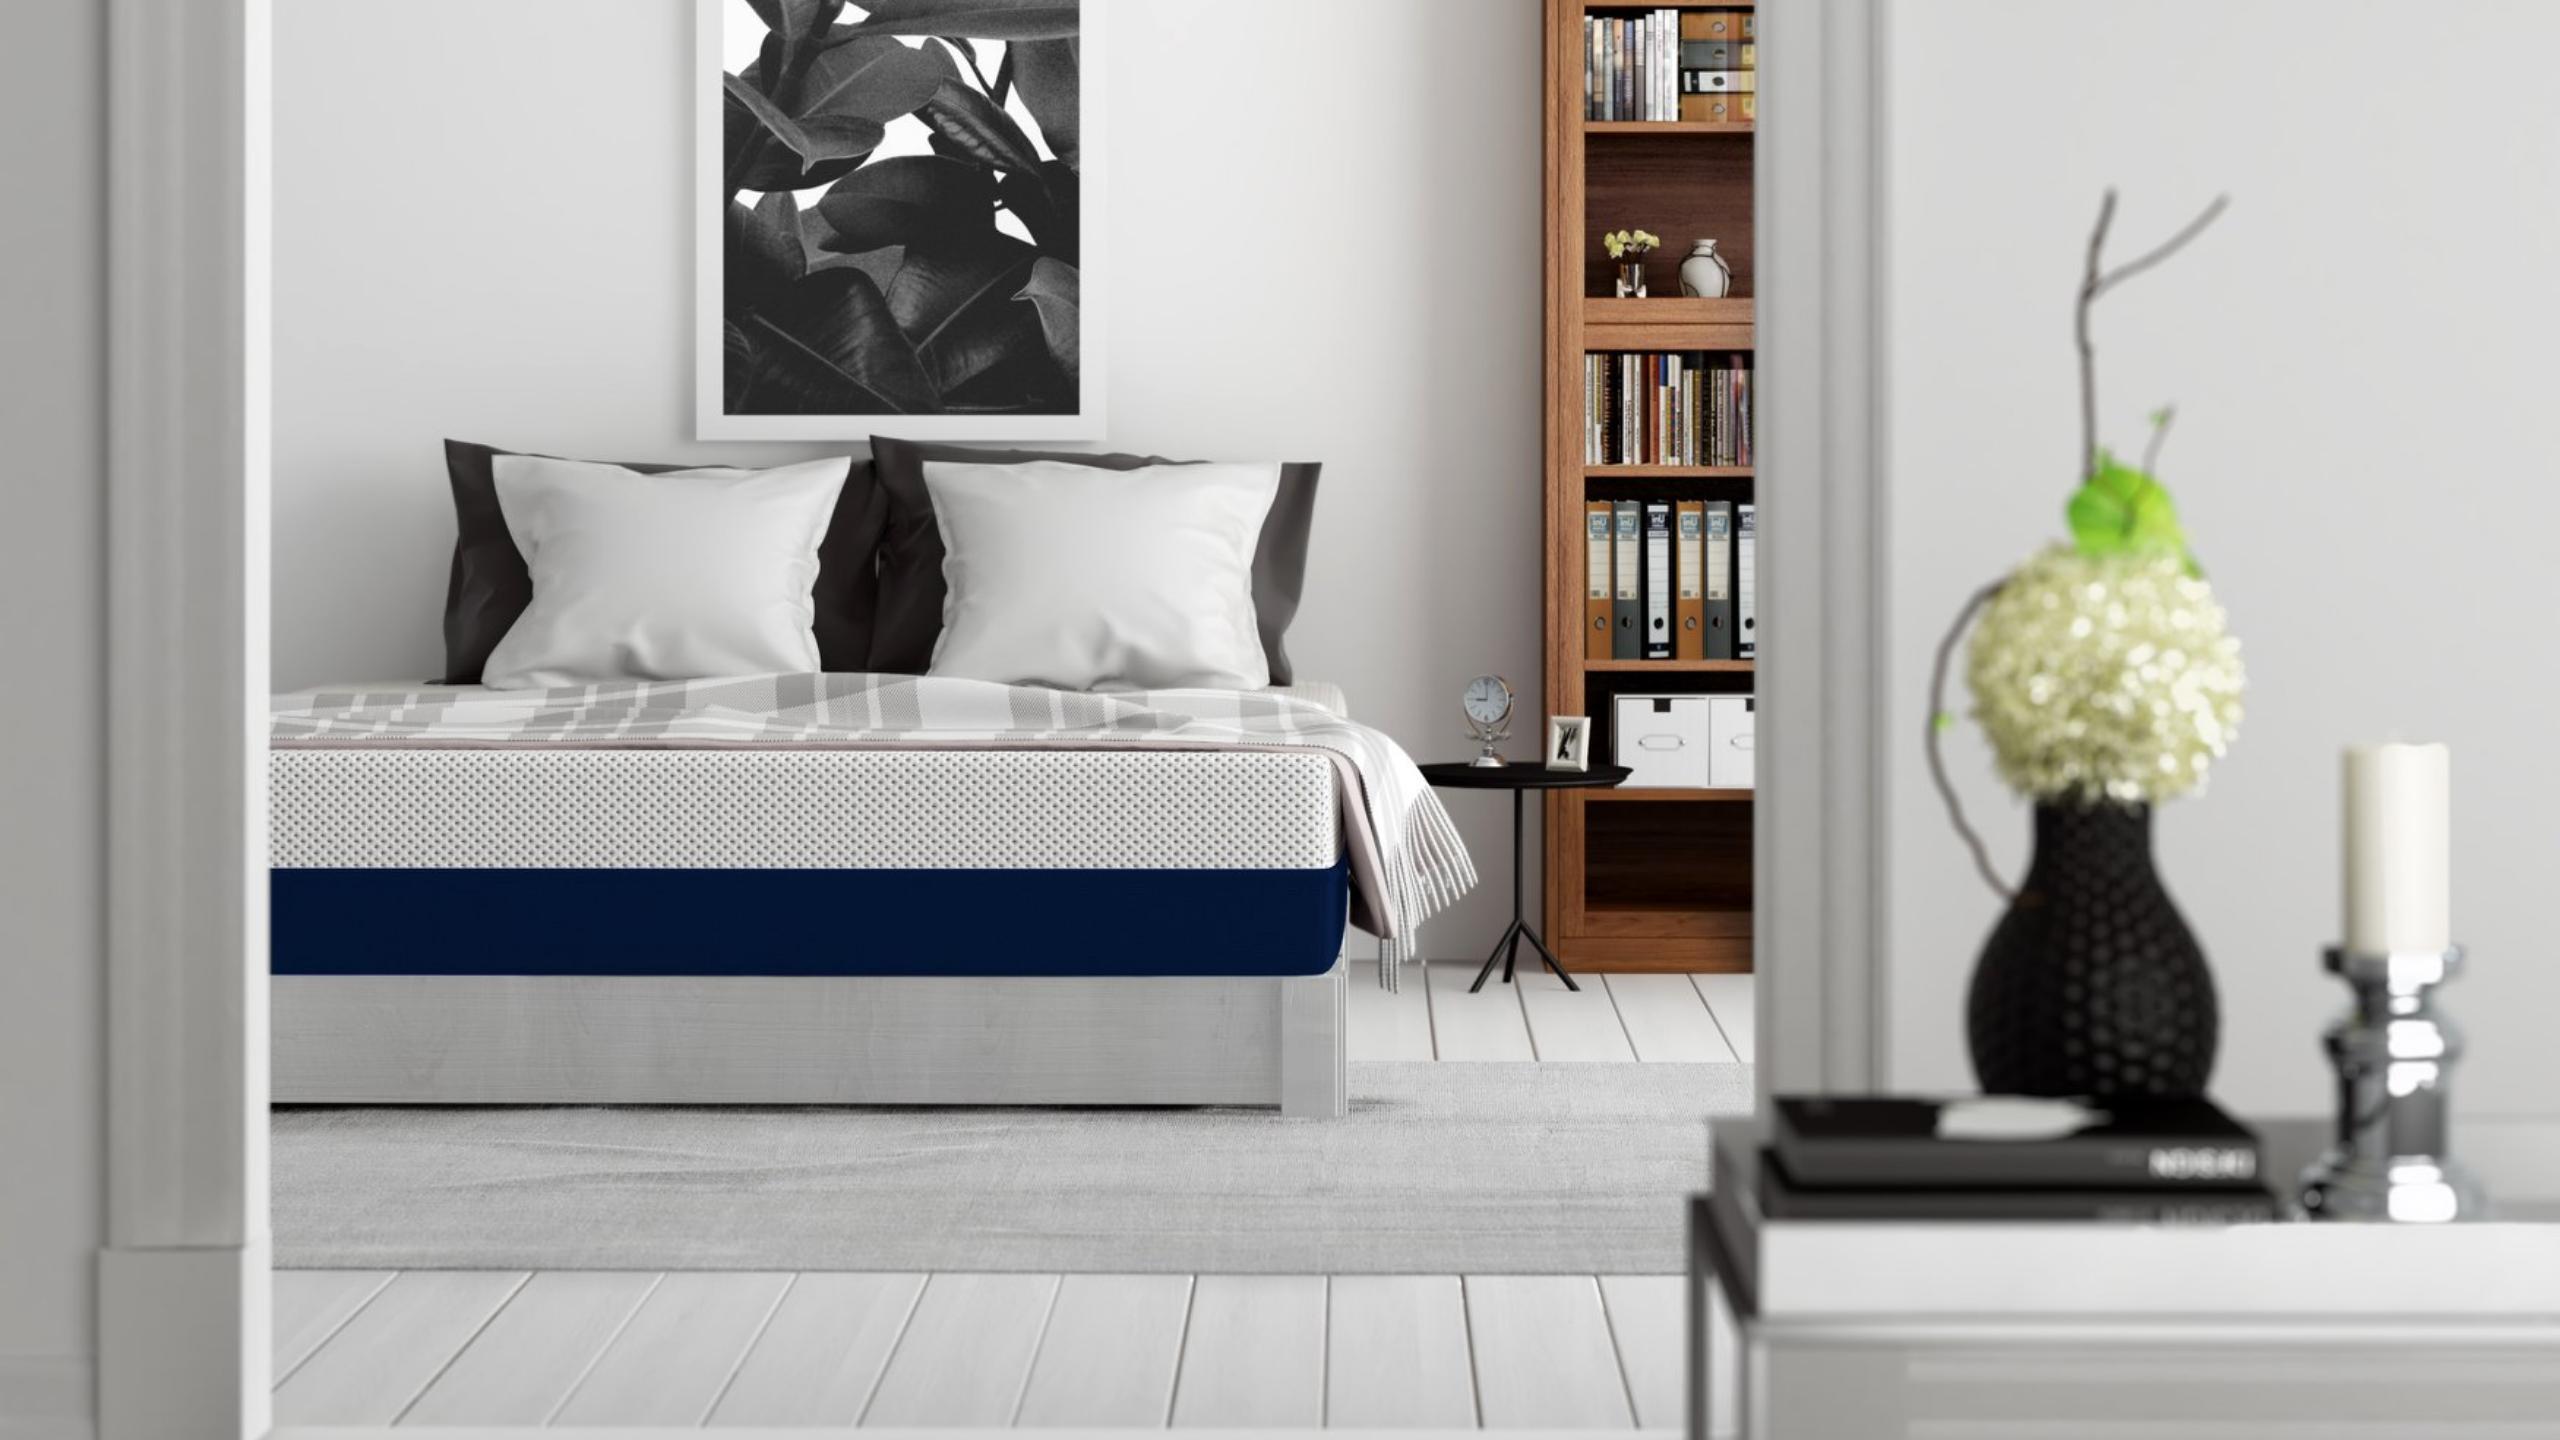 Amerisleep ensures a good night's sleep